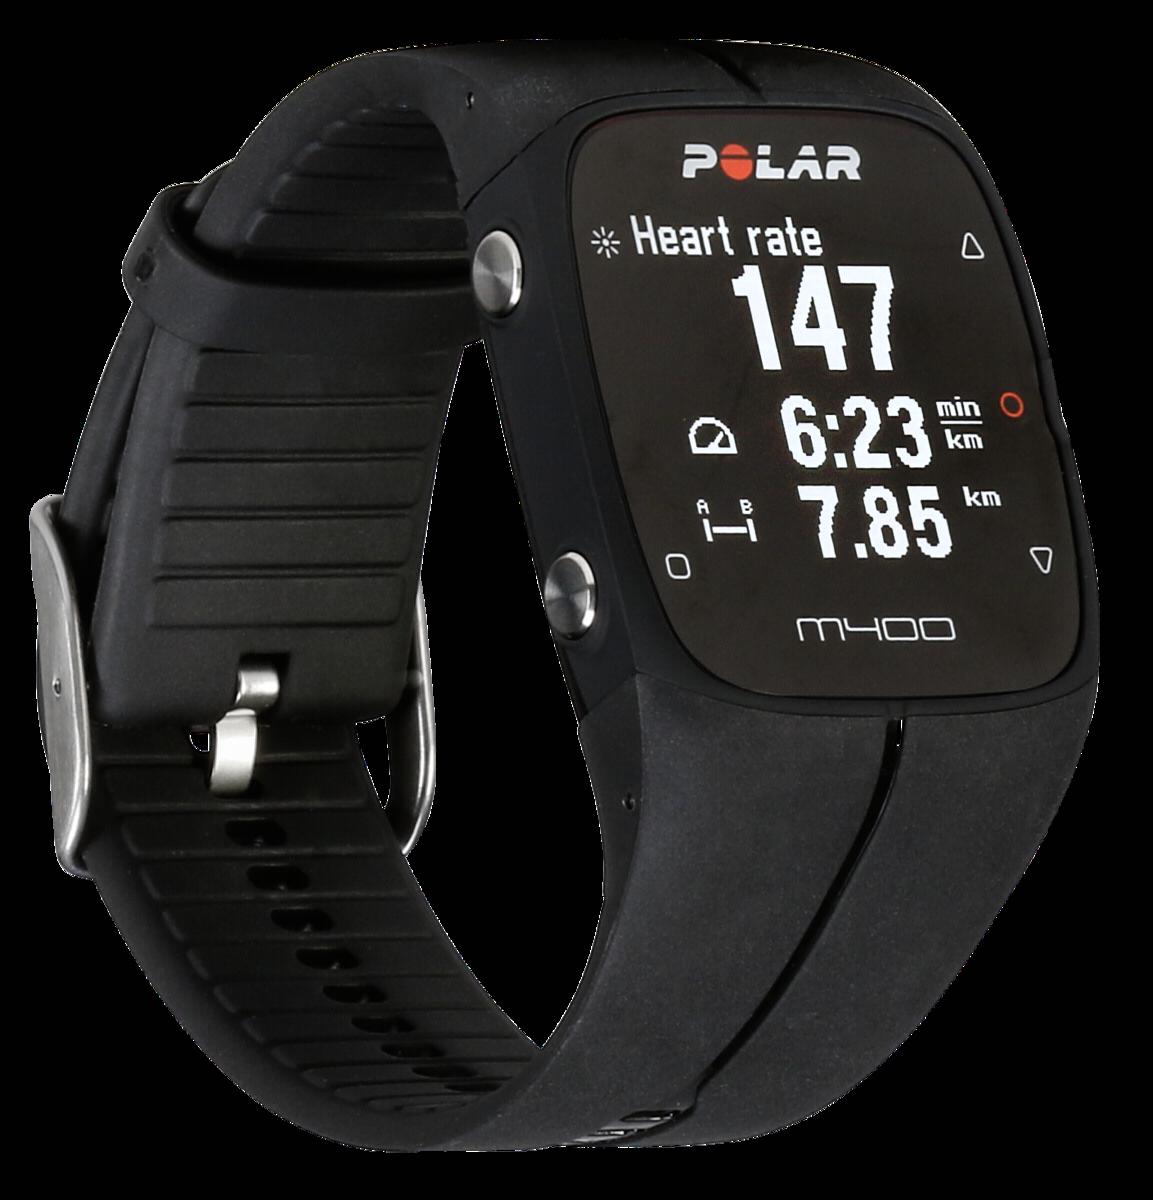 Polar M400 Bluetooth Schwarz Sportuhr Fitnesuhr Laufuhr für Sport in schwarz